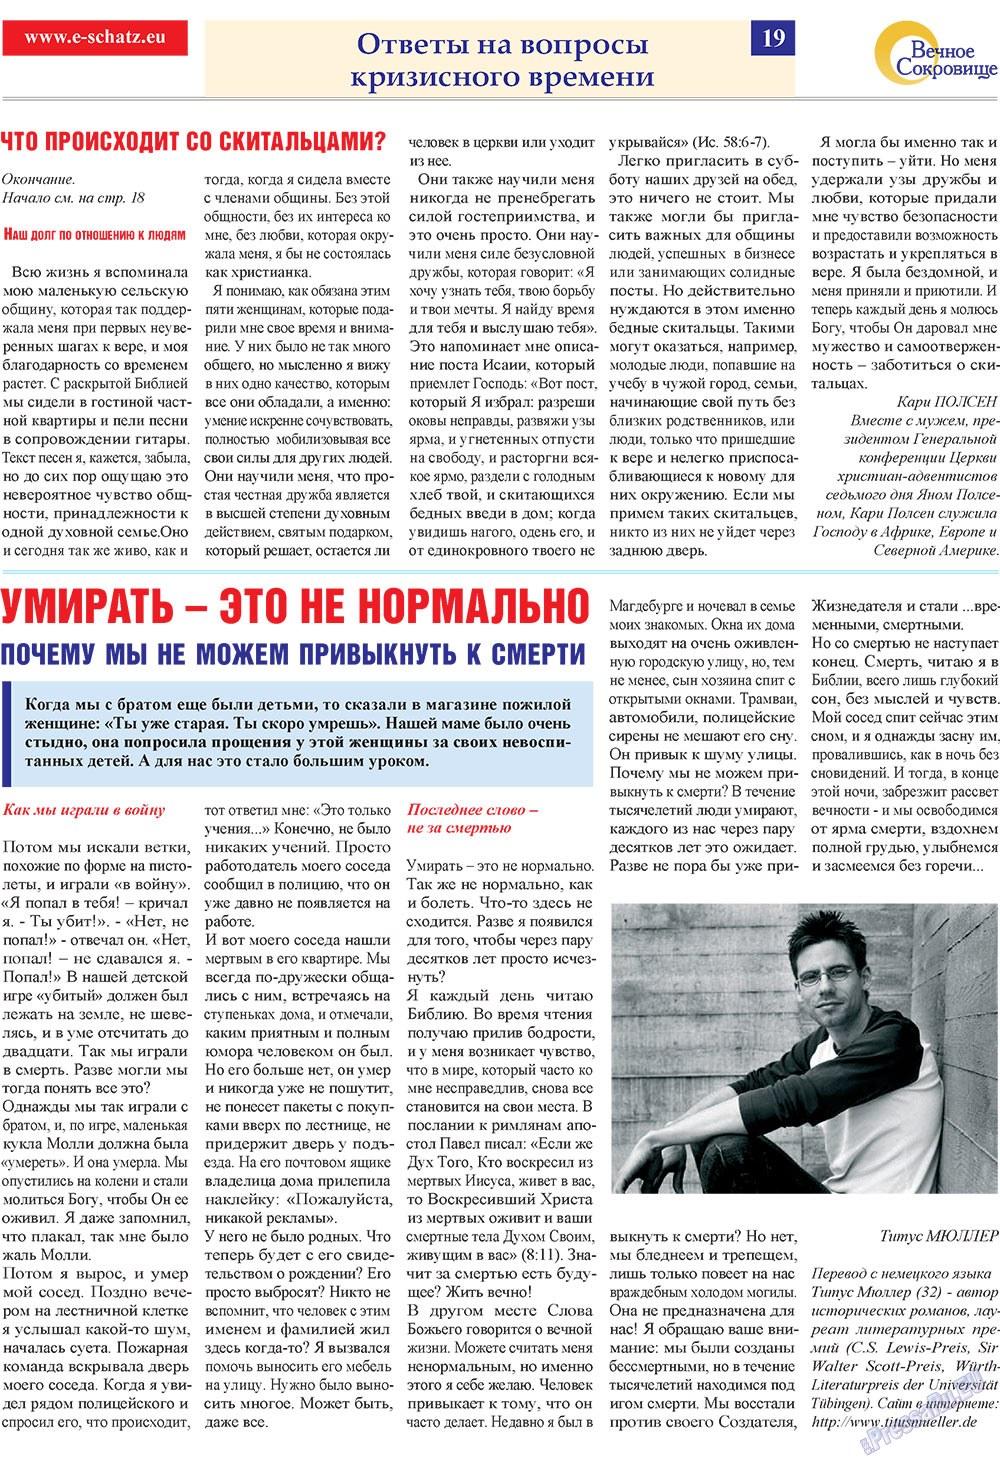 Вечное сокровище (газета). 2010 год, номер 1, стр. 19